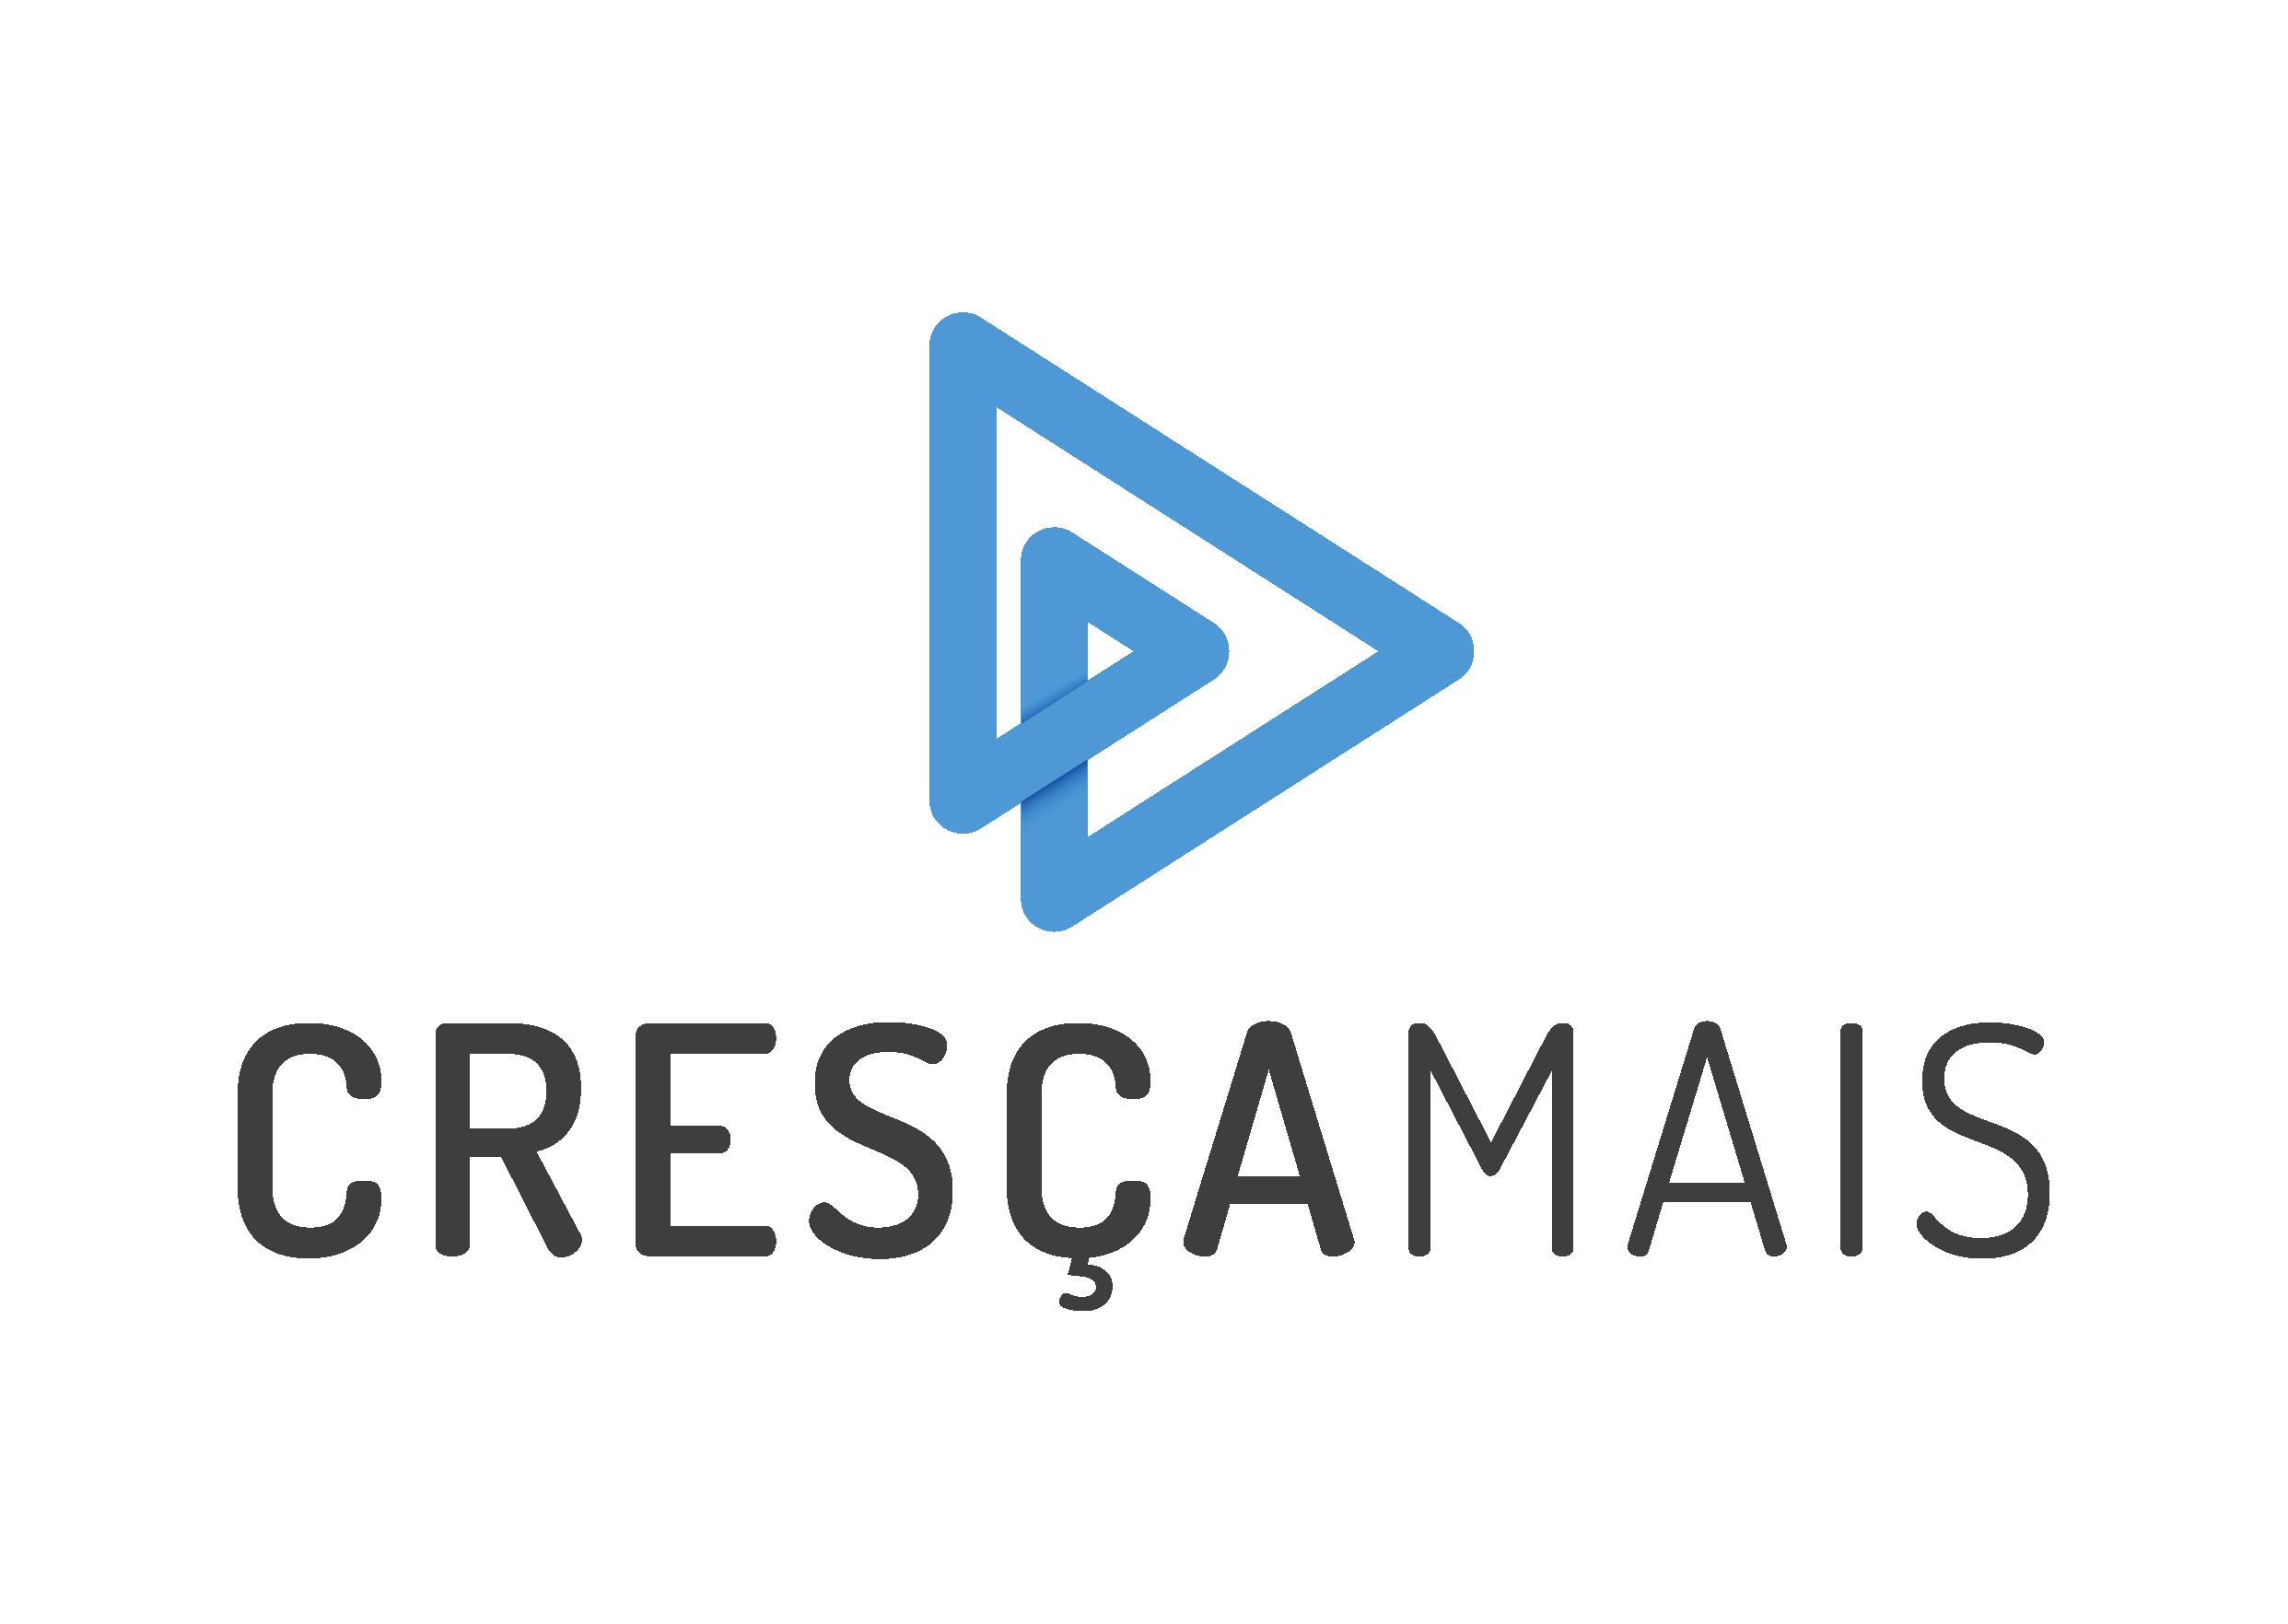 CRESÇAMAIS_Prancheta 1